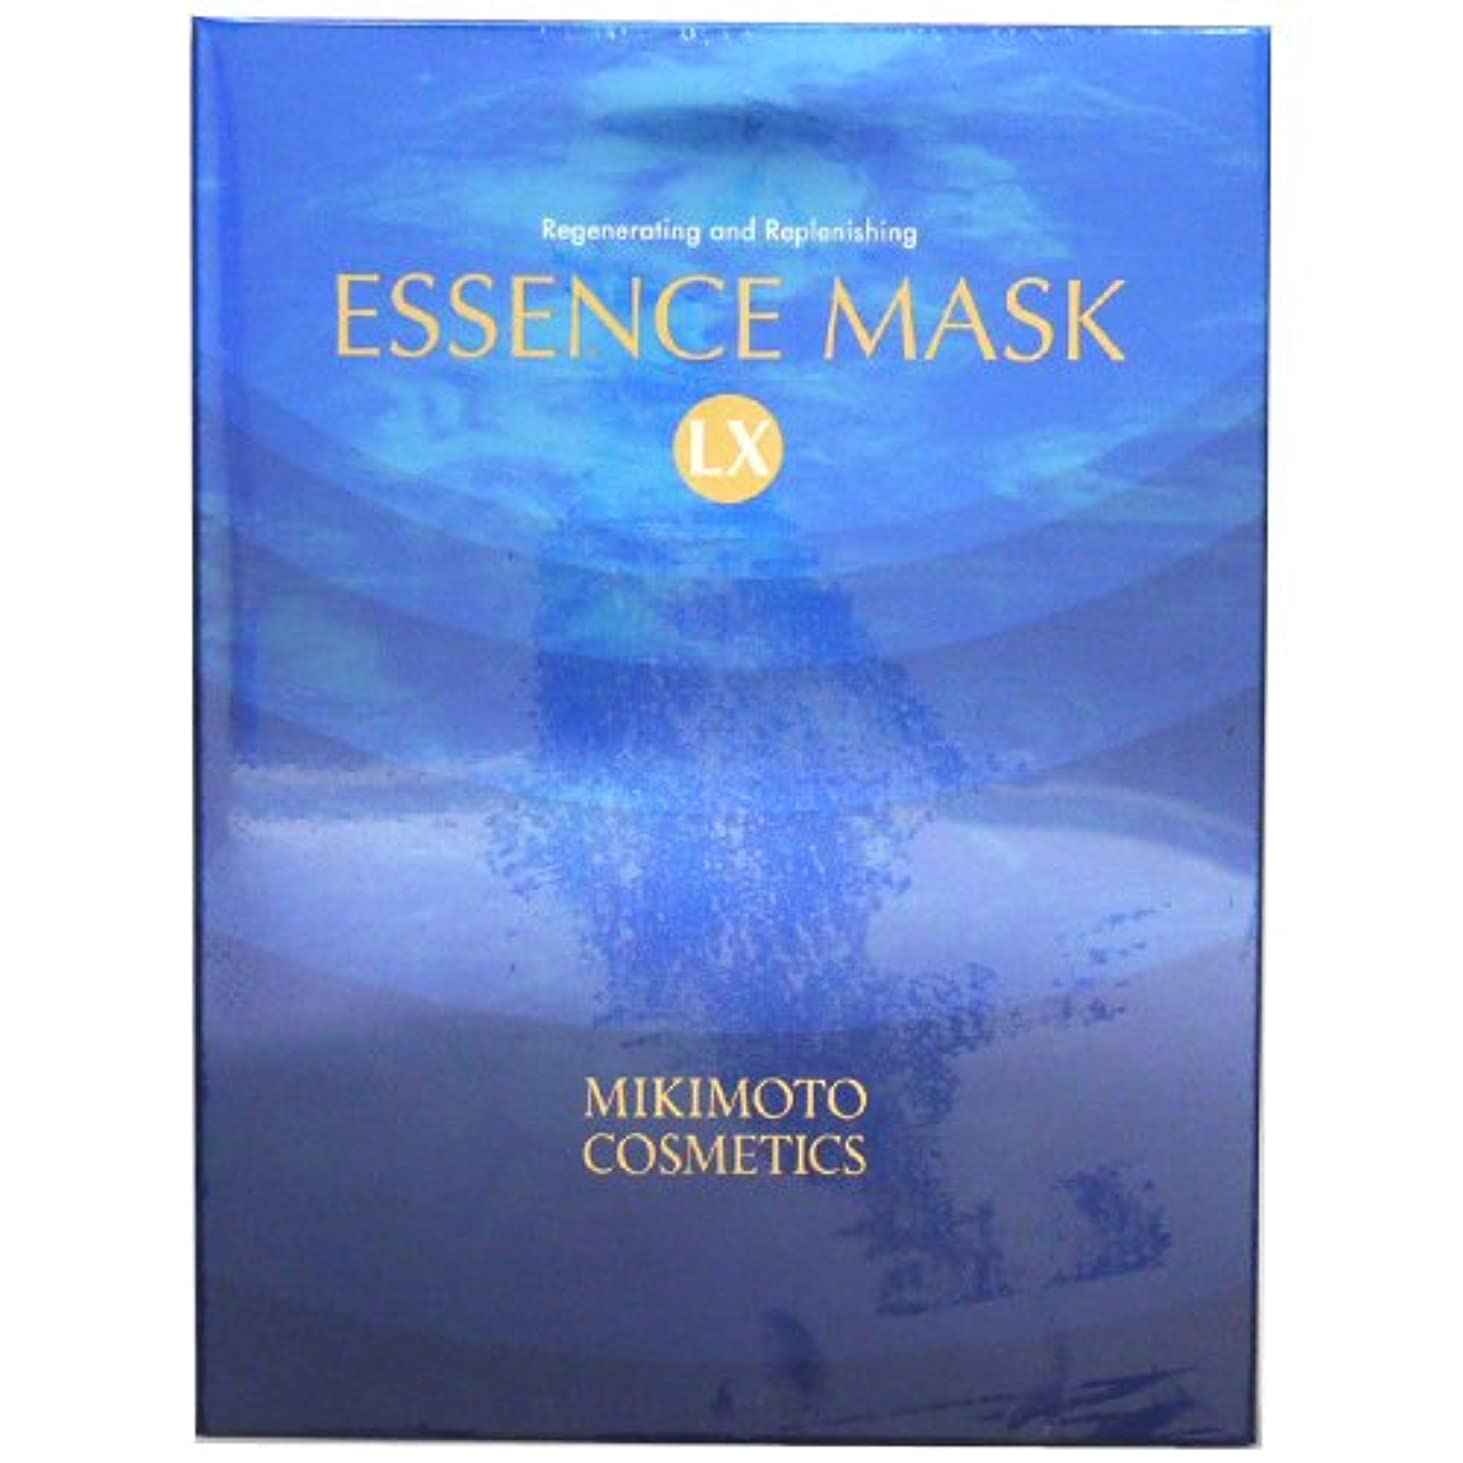 タップ嬉しいです革命的ミキモト化粧品 MIKIMOTO コスメティックス エッセンスマスクLX (シート状美容マスク) 【6枚入】